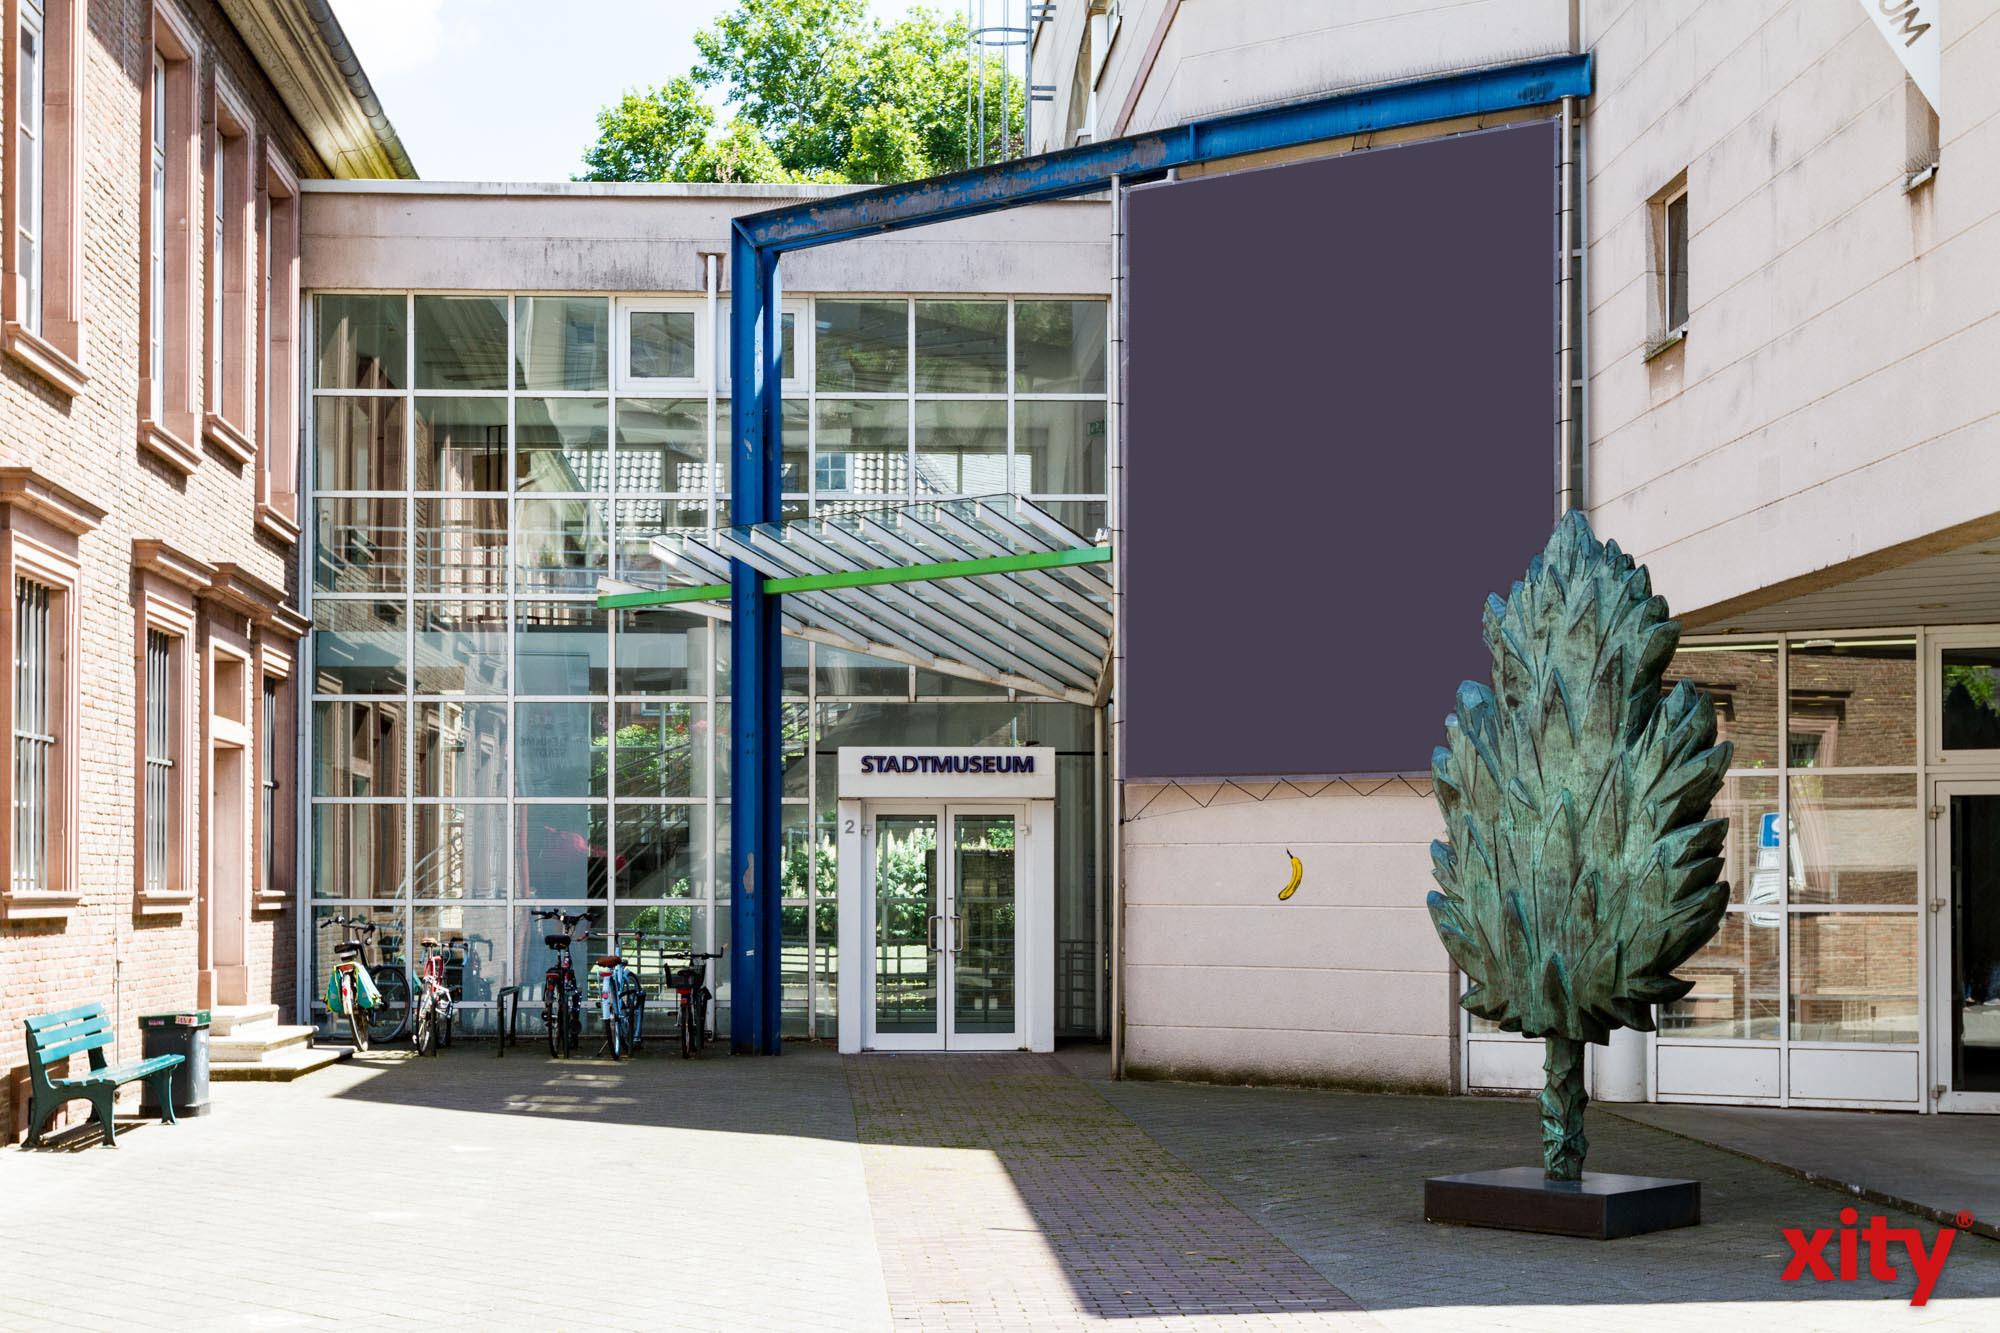 Eintrittsfreier Sonntag im Stadtmuseum Düsseldorf (Foto: xity)